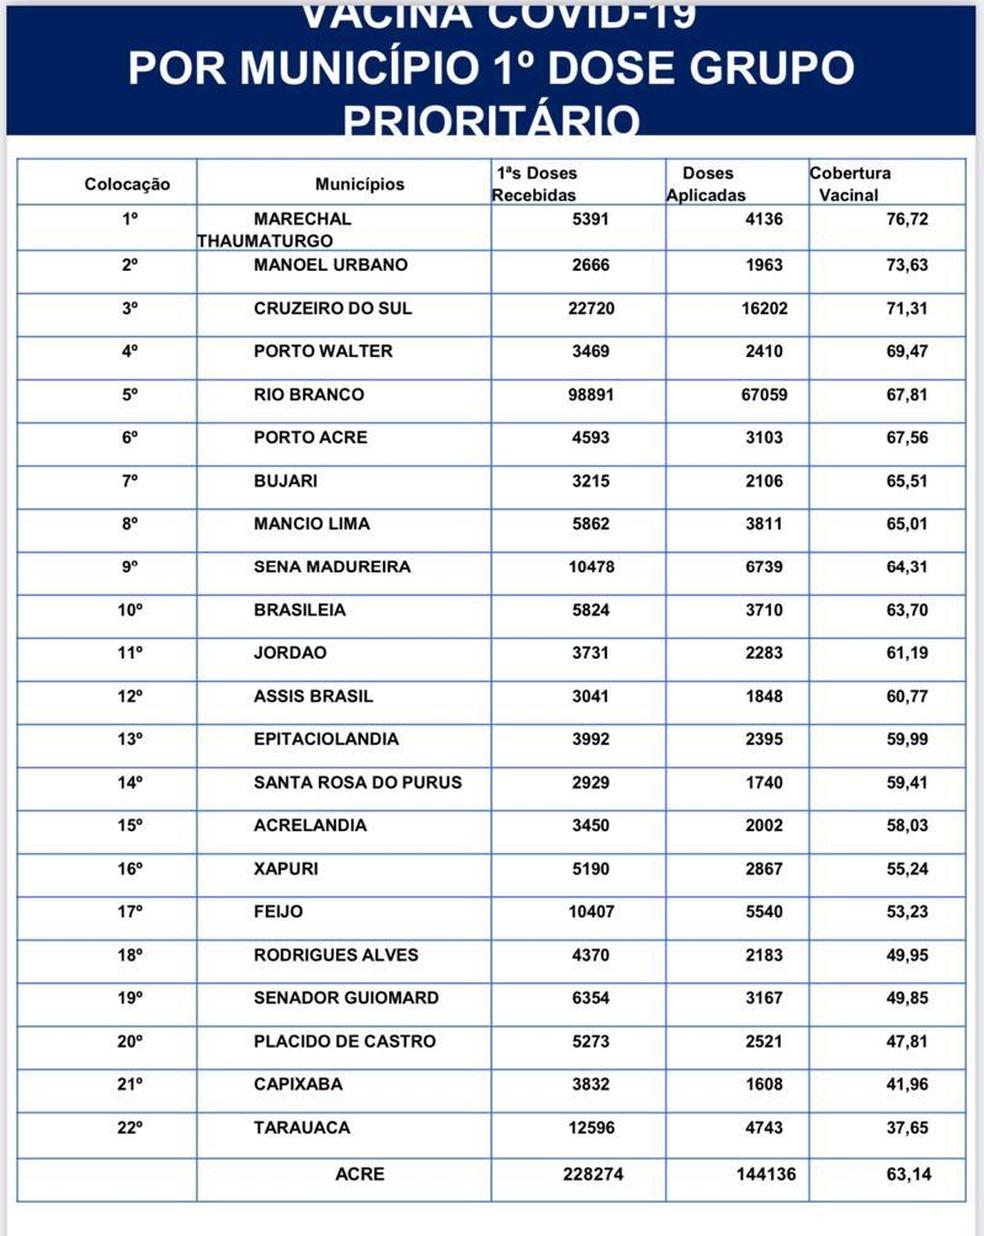 Tabela da vacinação de 1ª dose contra Covid-19 por município do Acre— Foto: Reprodução